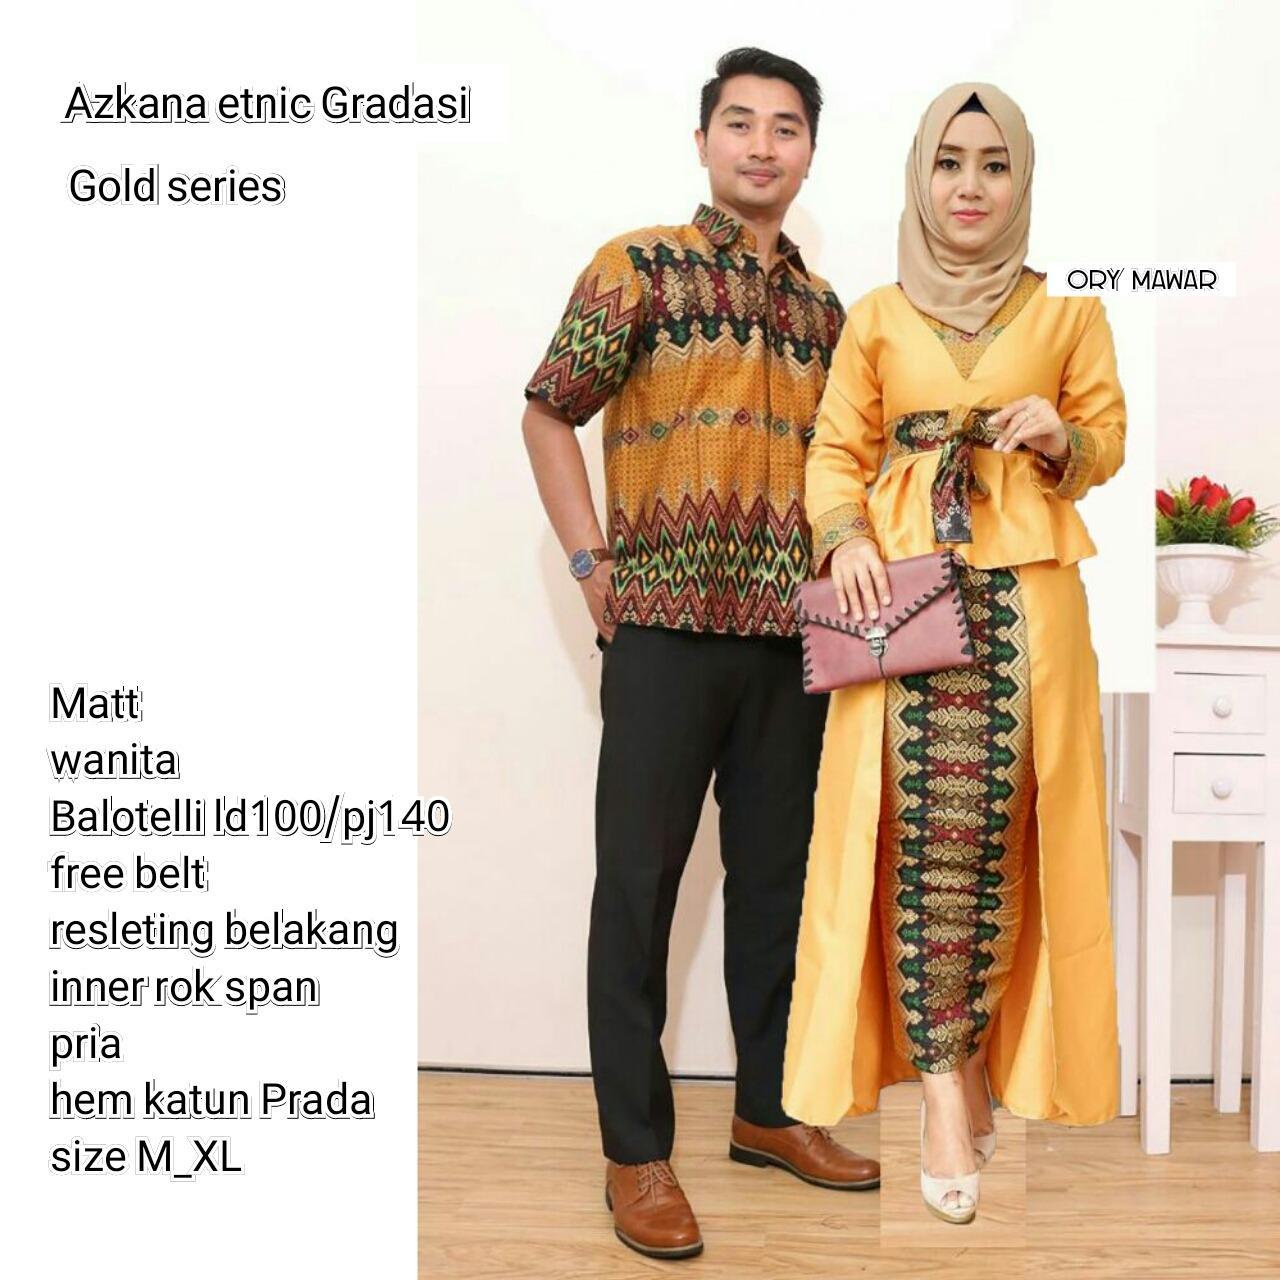 Batik Couple / Couple Batik / Batik Sarimbit Azkana Gradasi Couple